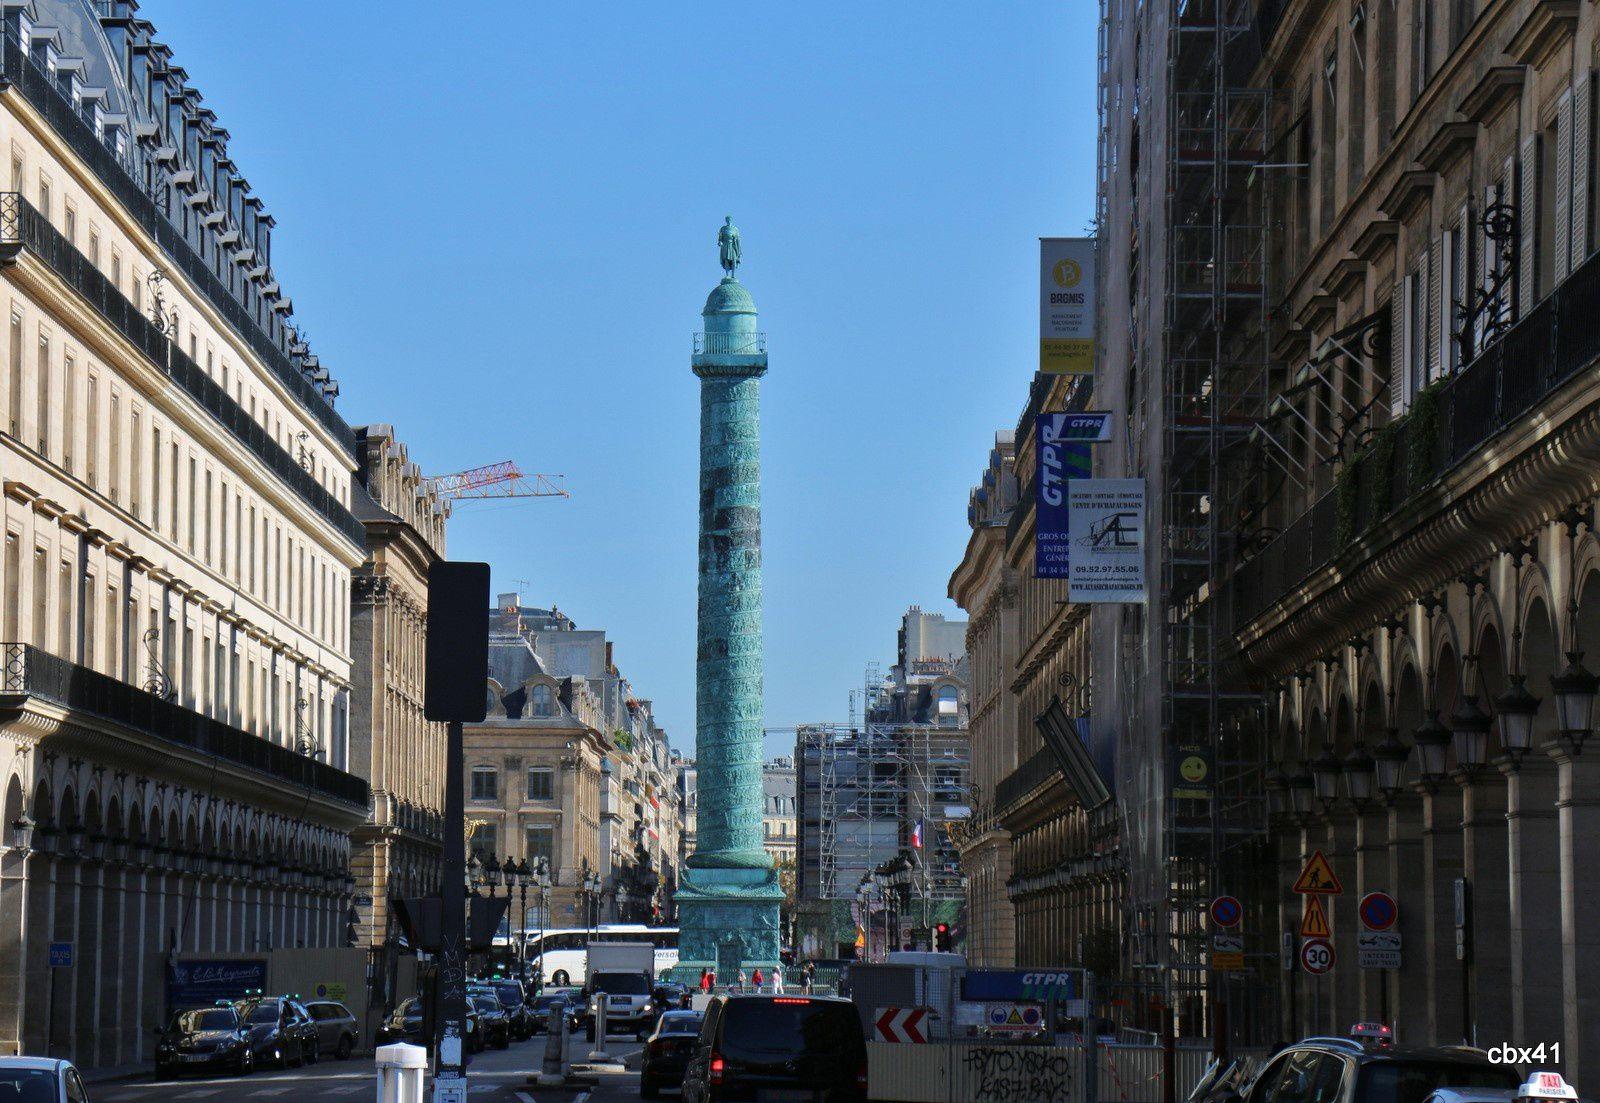 La colonne Vendôme depuis le jardin des Tuileries